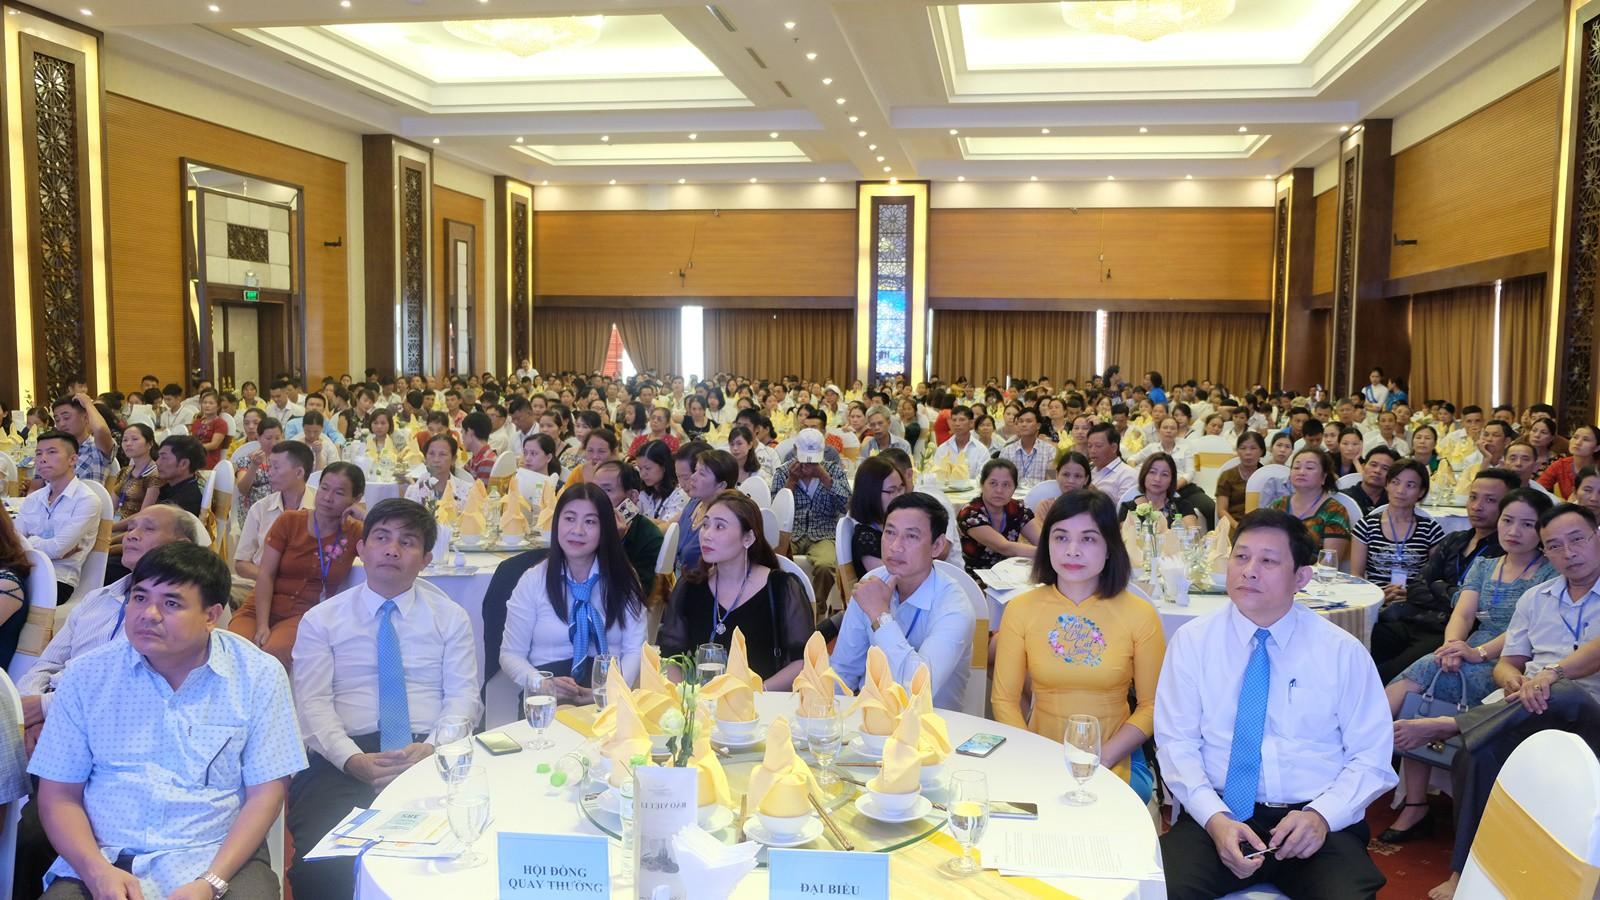 Bảo Việt Nhân thọ tri ân khách hàng với chương trình Vi Vu Du Hè từ 5